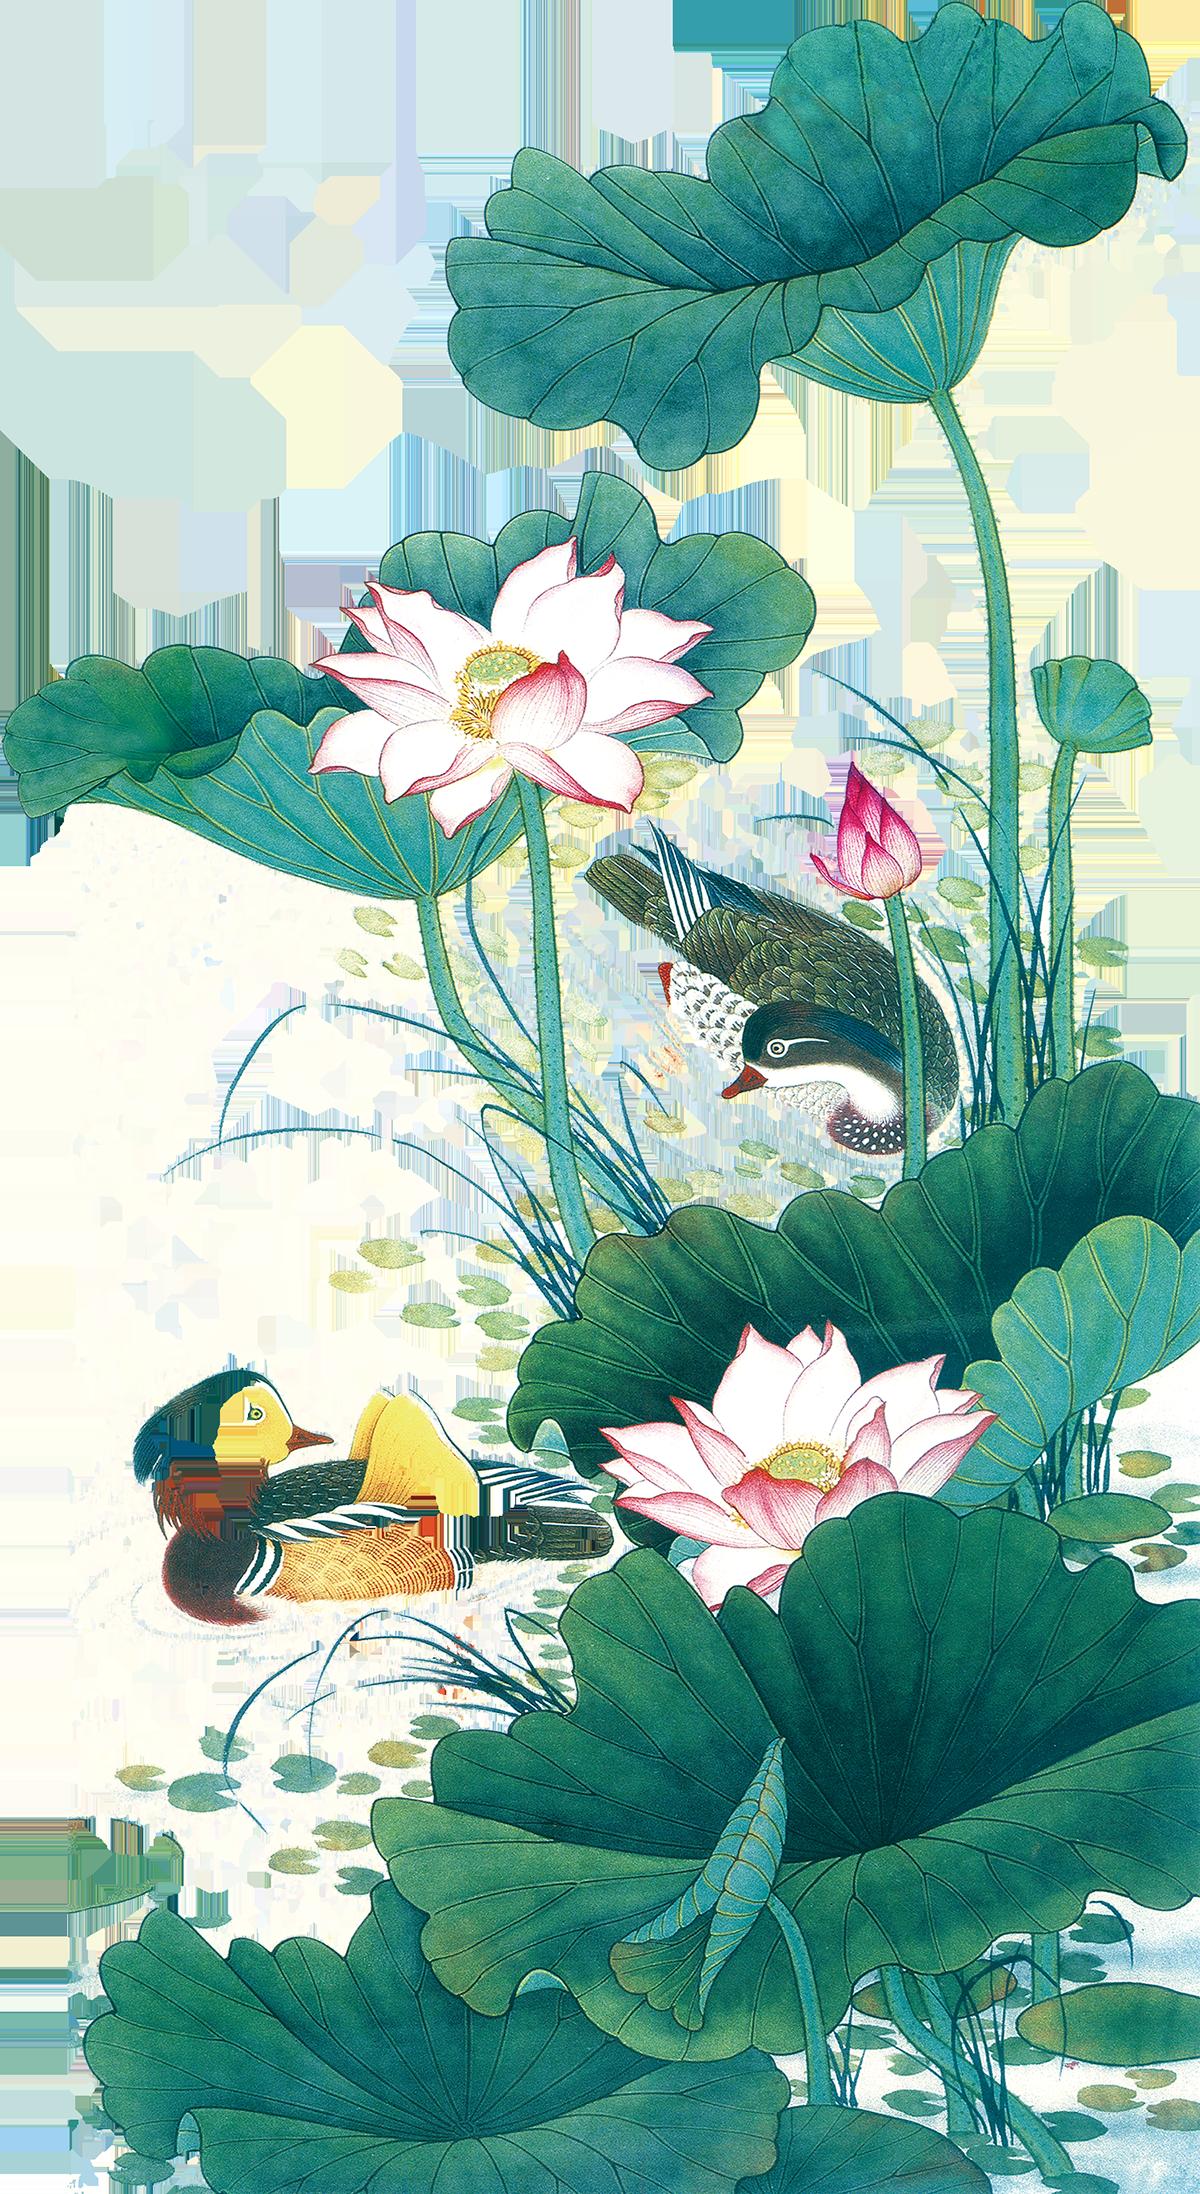 Tranh hoa sen PNG